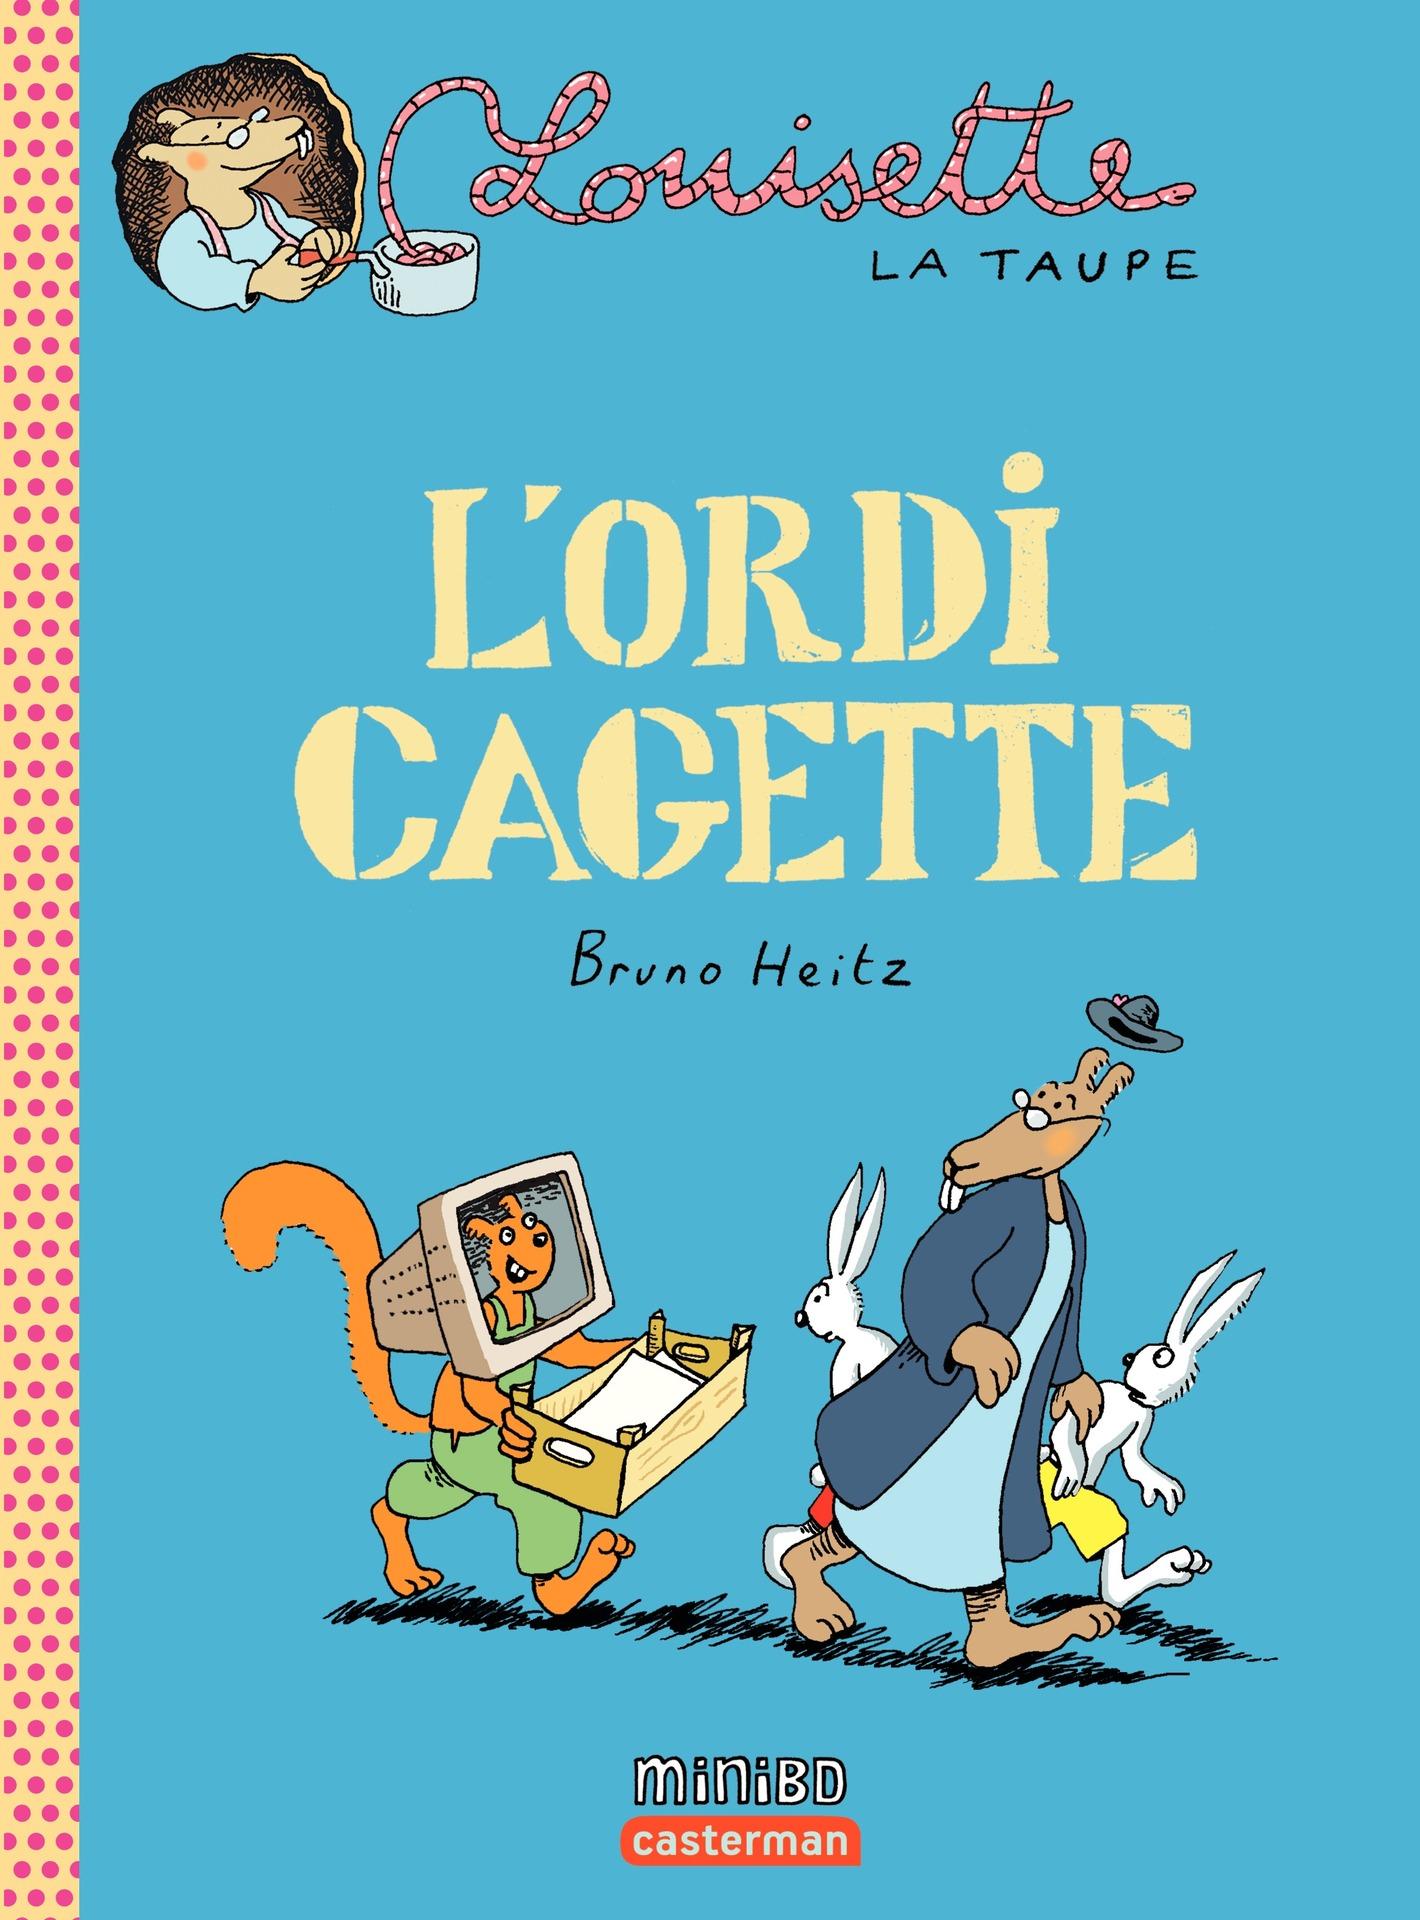 Louisette la taupe (Tome 11) - L'ordi cagette